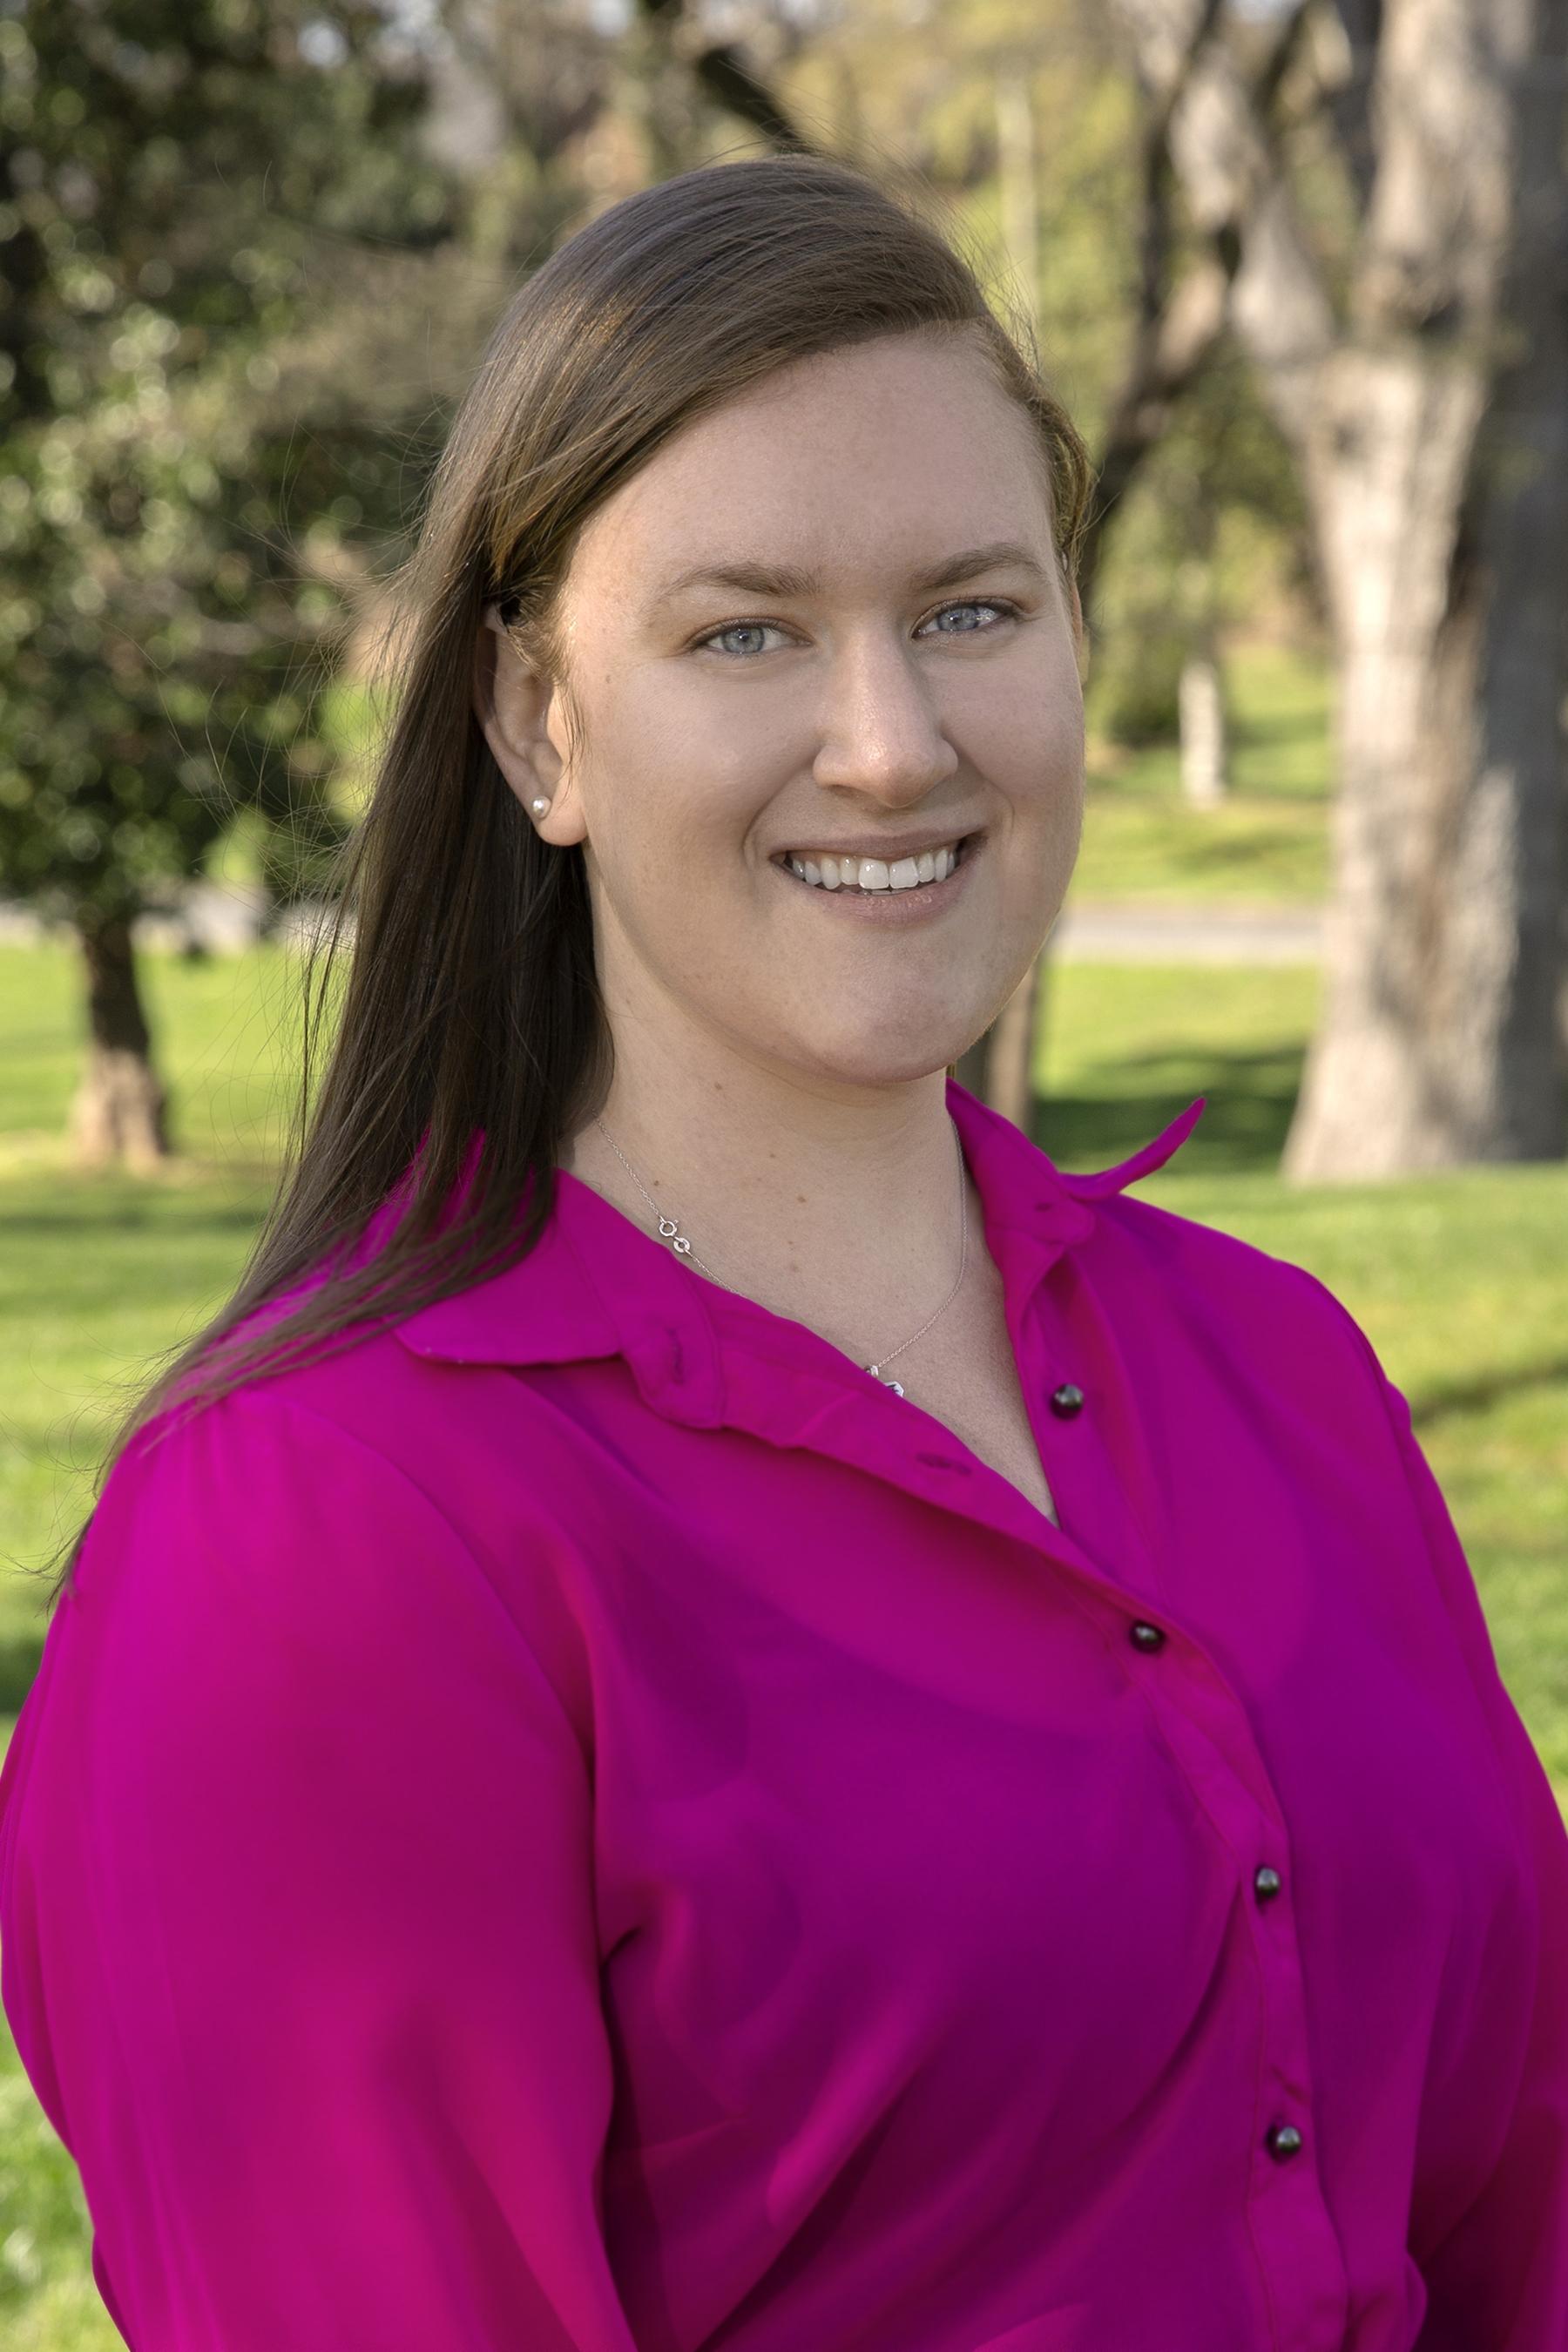 Claire Lechtenberg Headshot